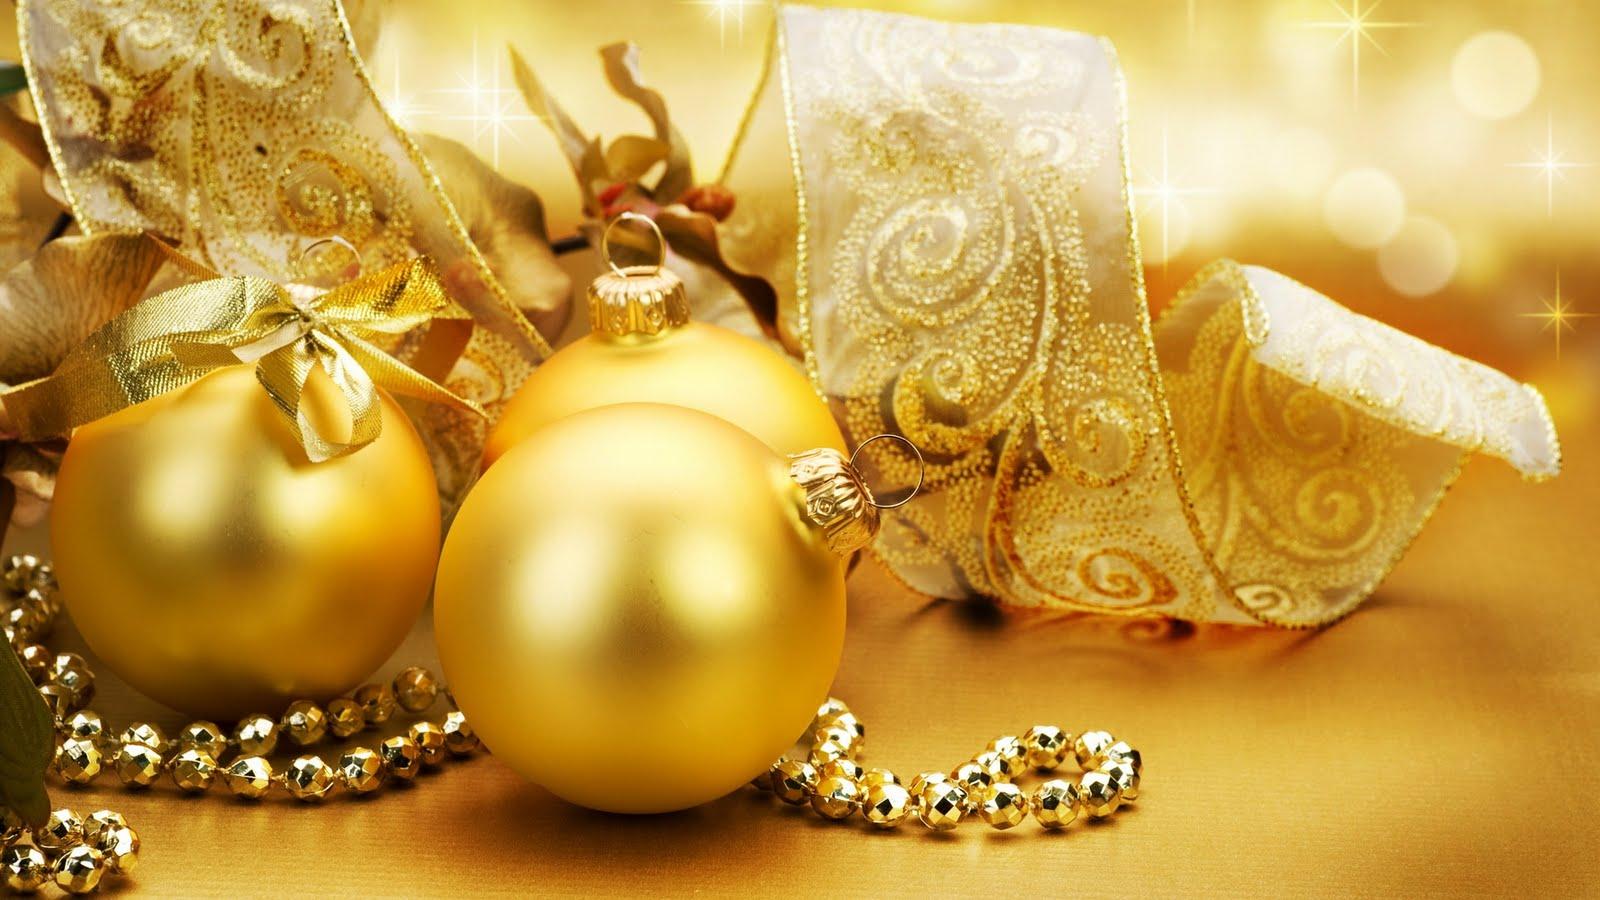 weihnachten hintergrundbilder kostenlos - Feiertage, Hintergrund, Neujahr, Weihnachten, #15864